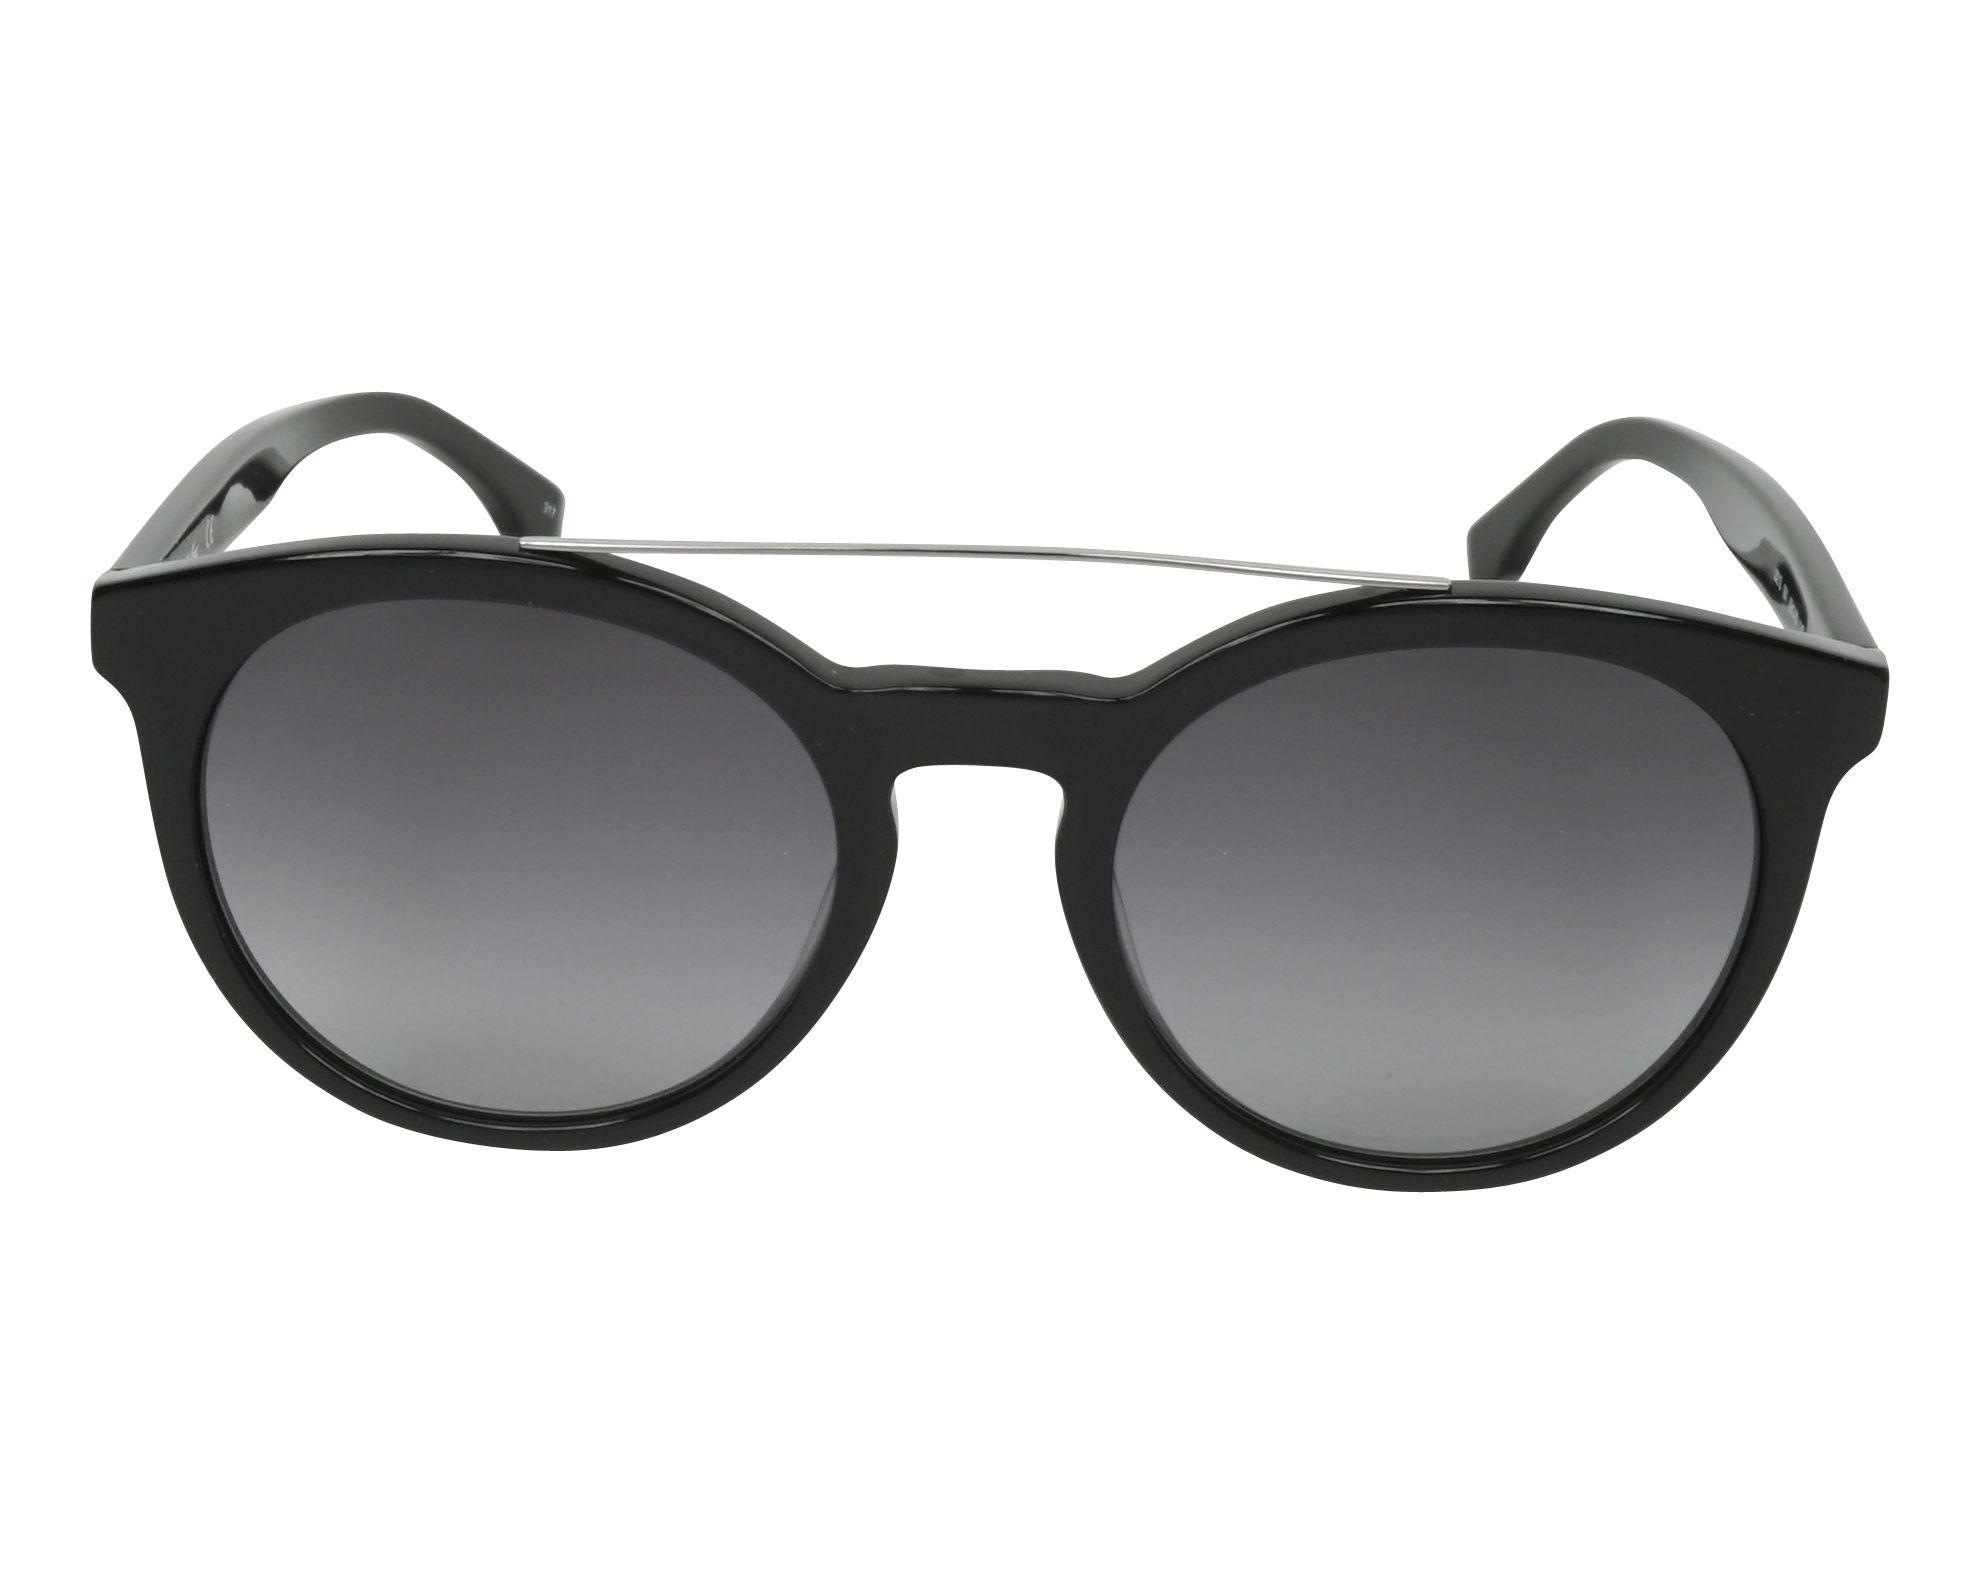 360e0680878e71 Sunglasses Lacoste L-821-S 001 - Black Silver front view